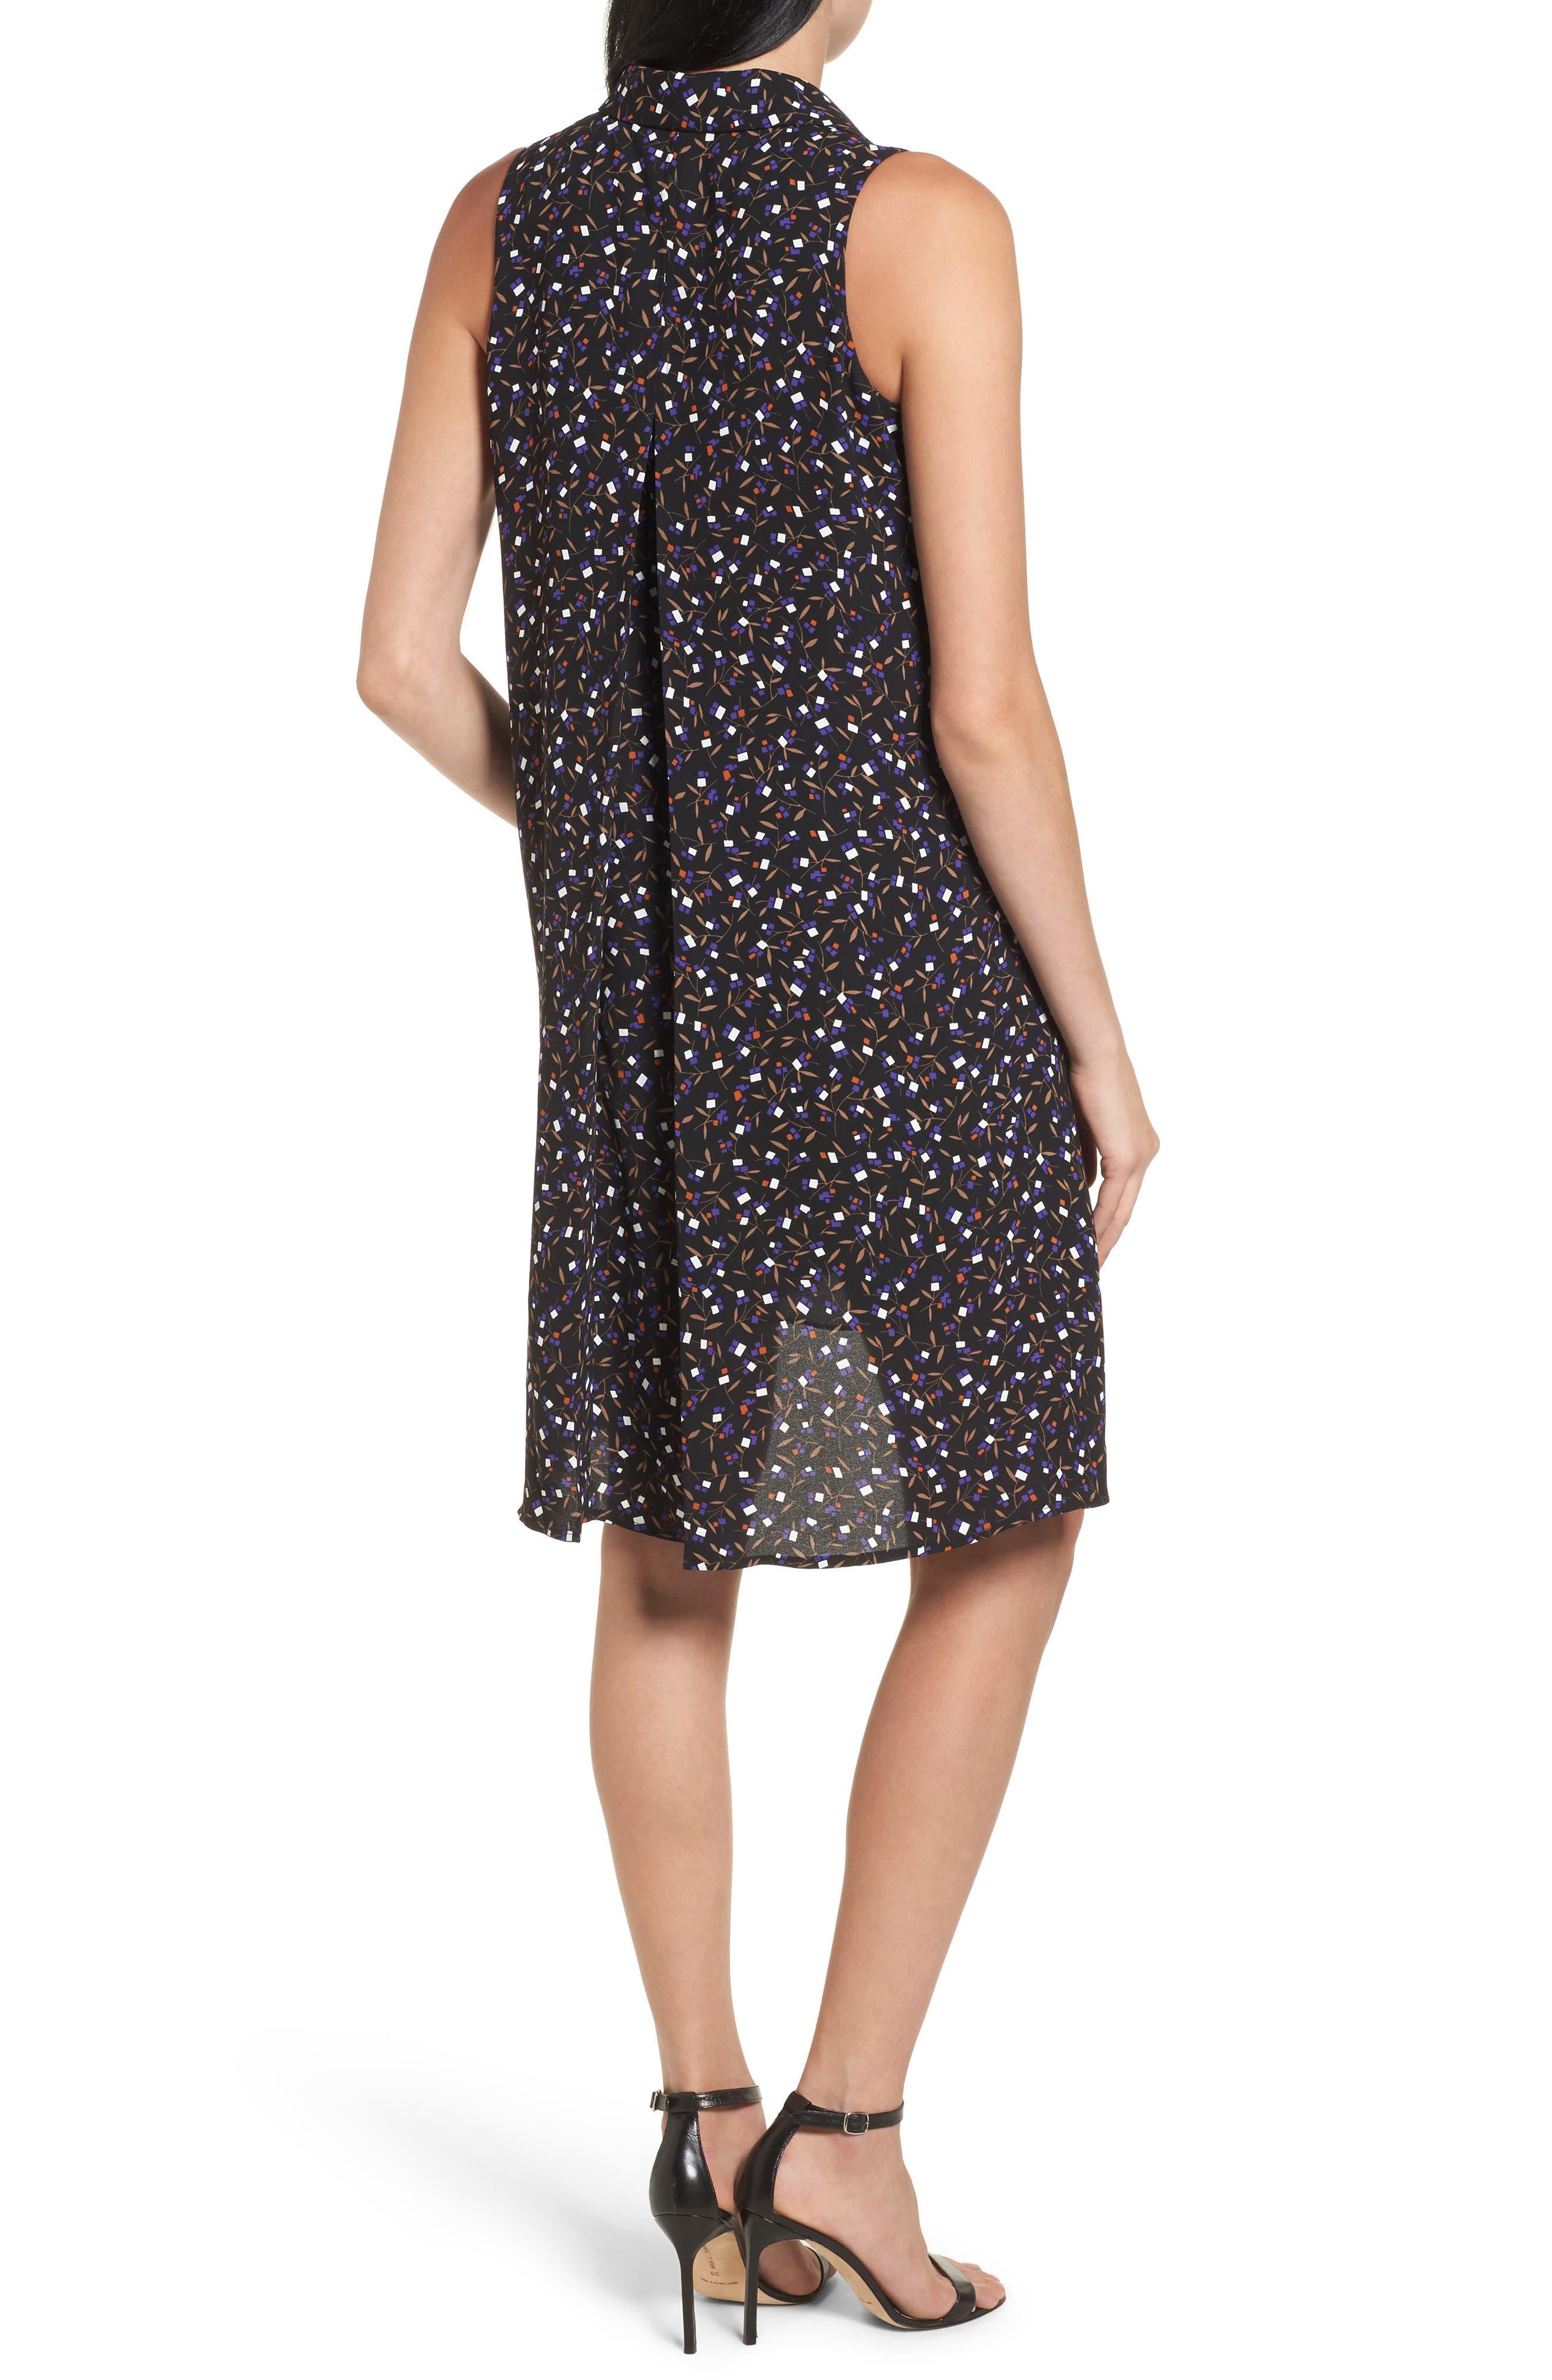 Polo Dress,                             Alternate thumbnail 2, color,                             Black/ Mushroom Combo